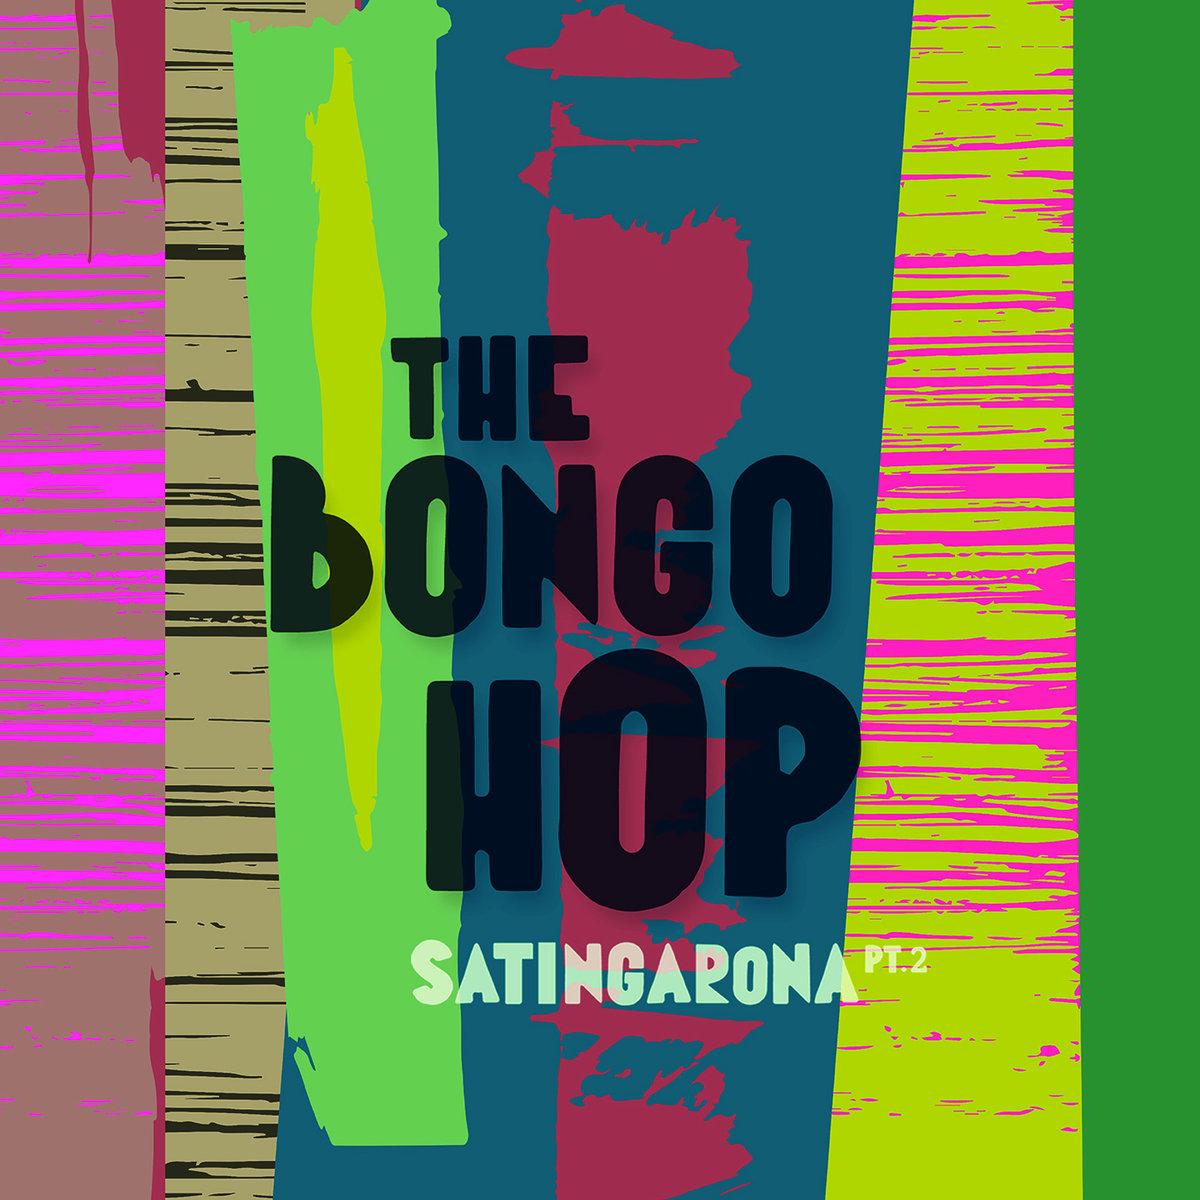 The Bongo Hop essential track